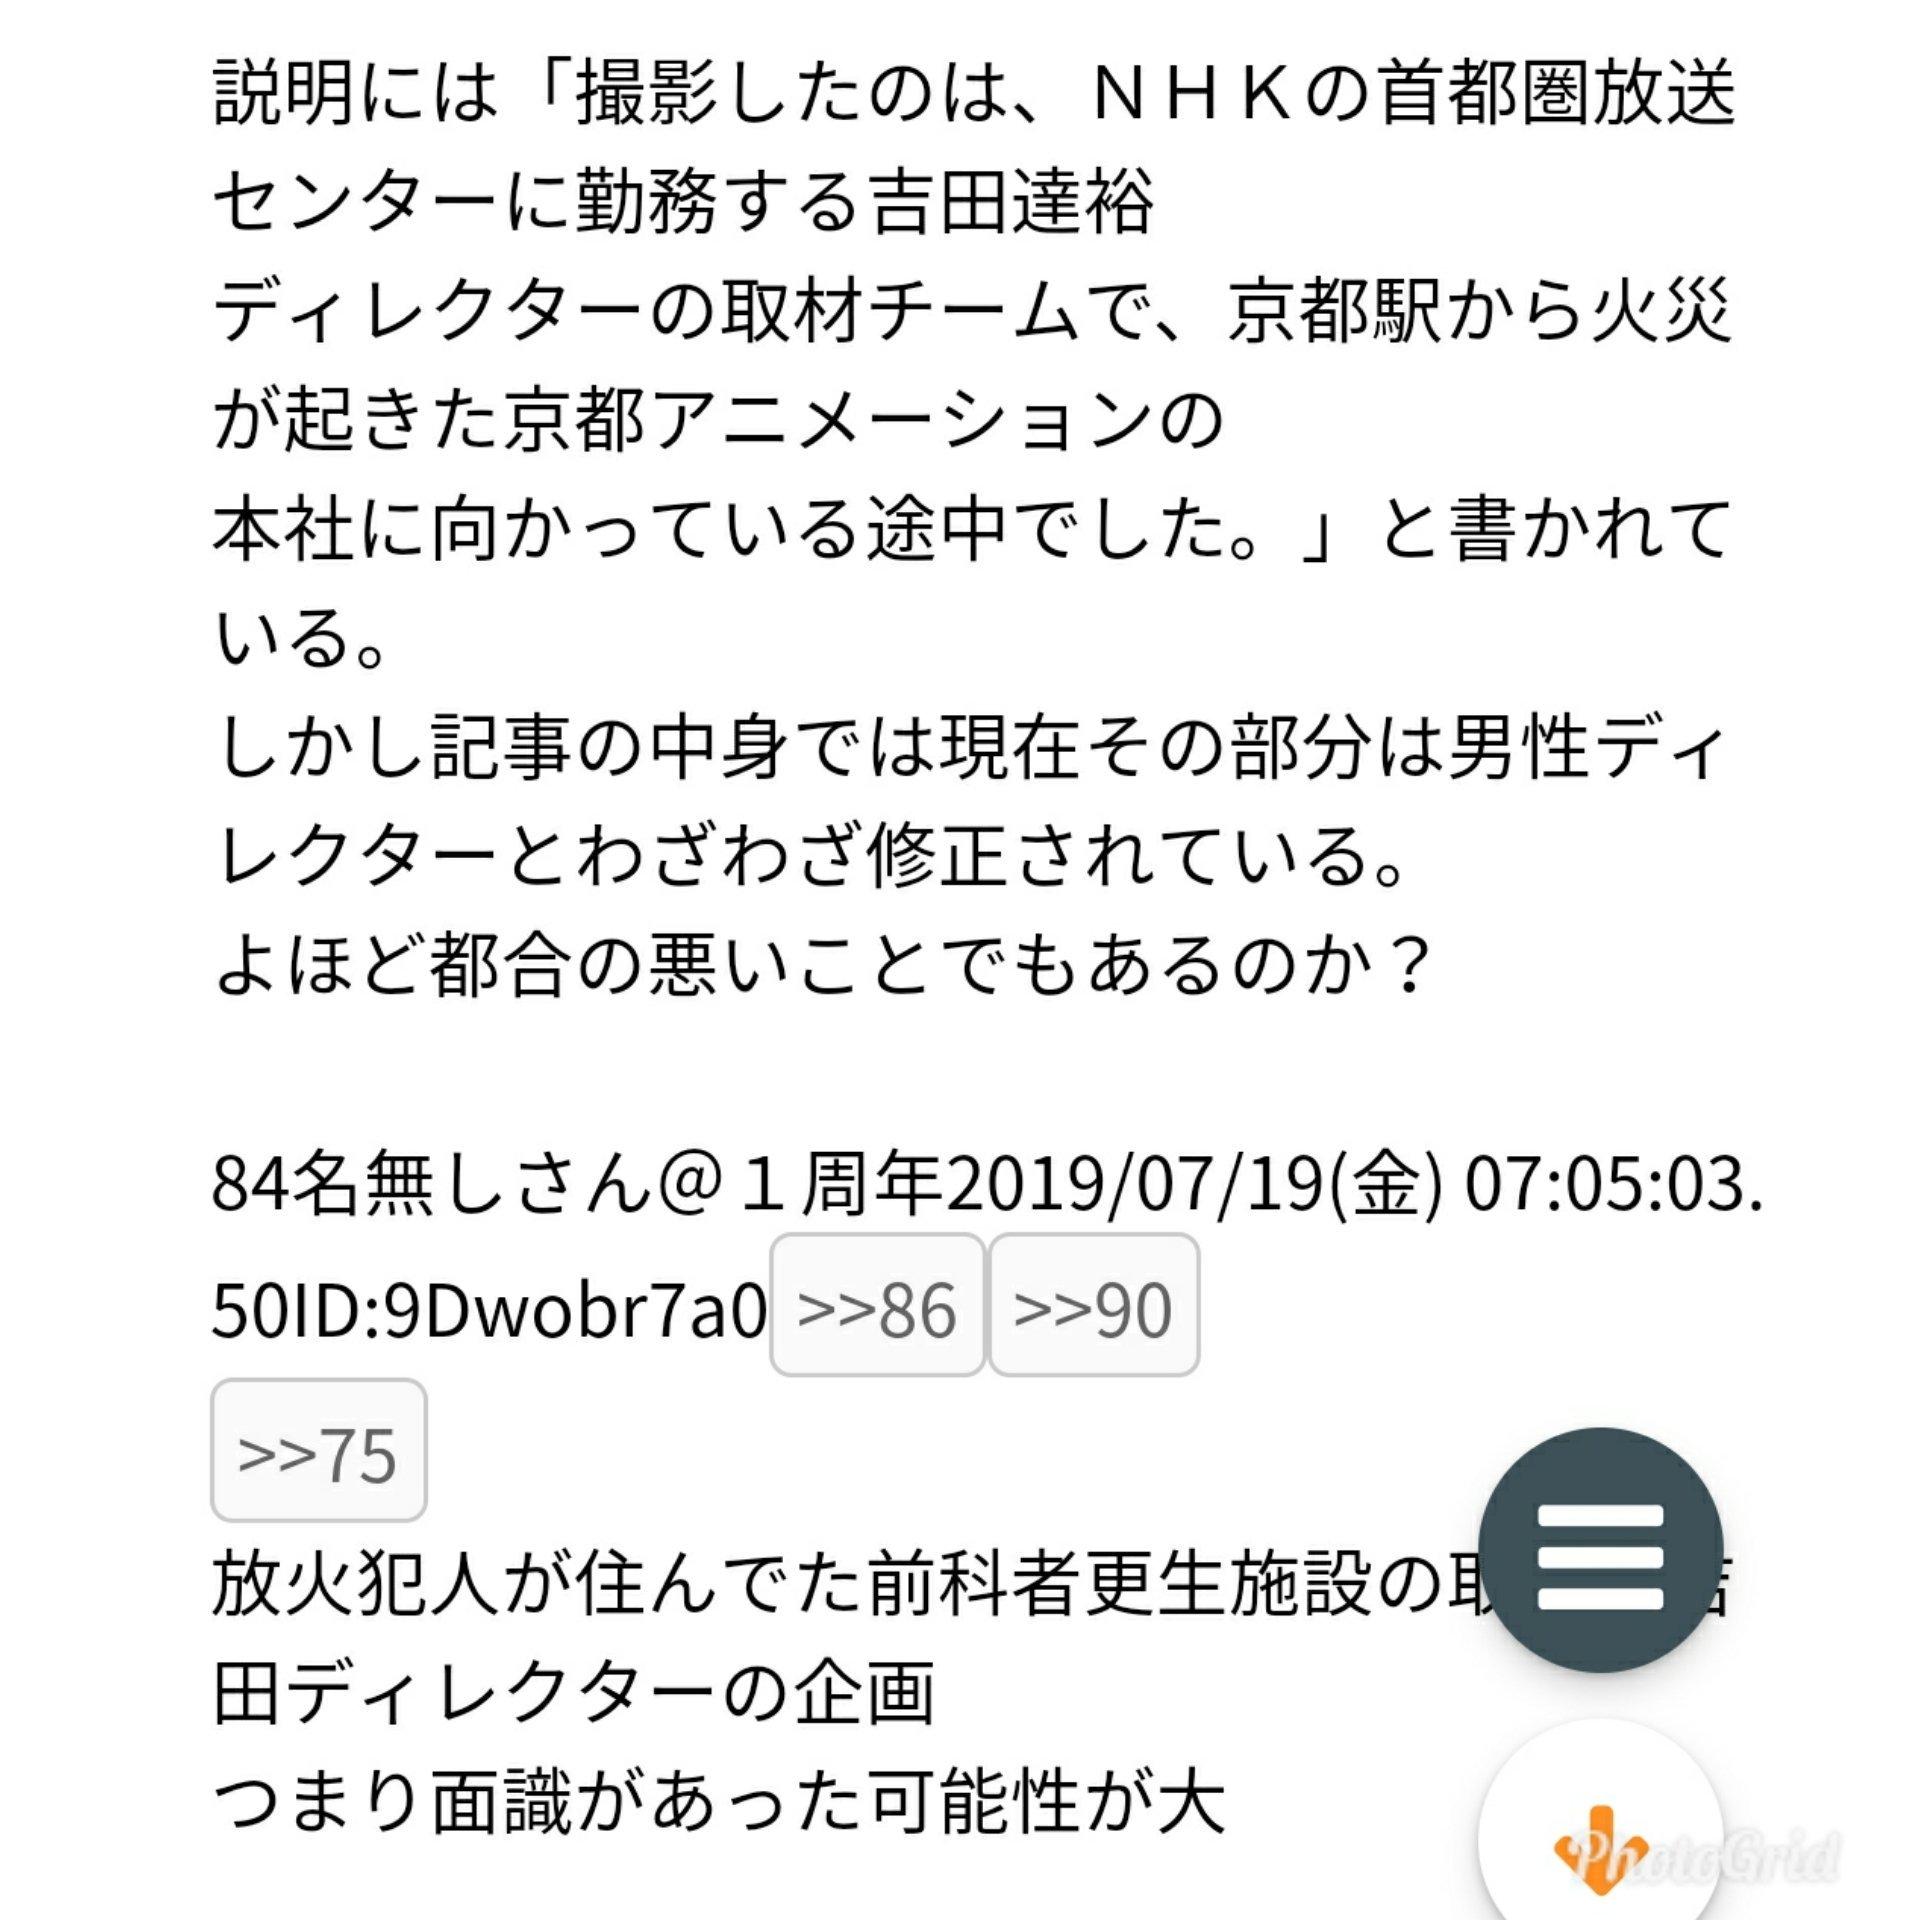 京アニ nhk 黒幕